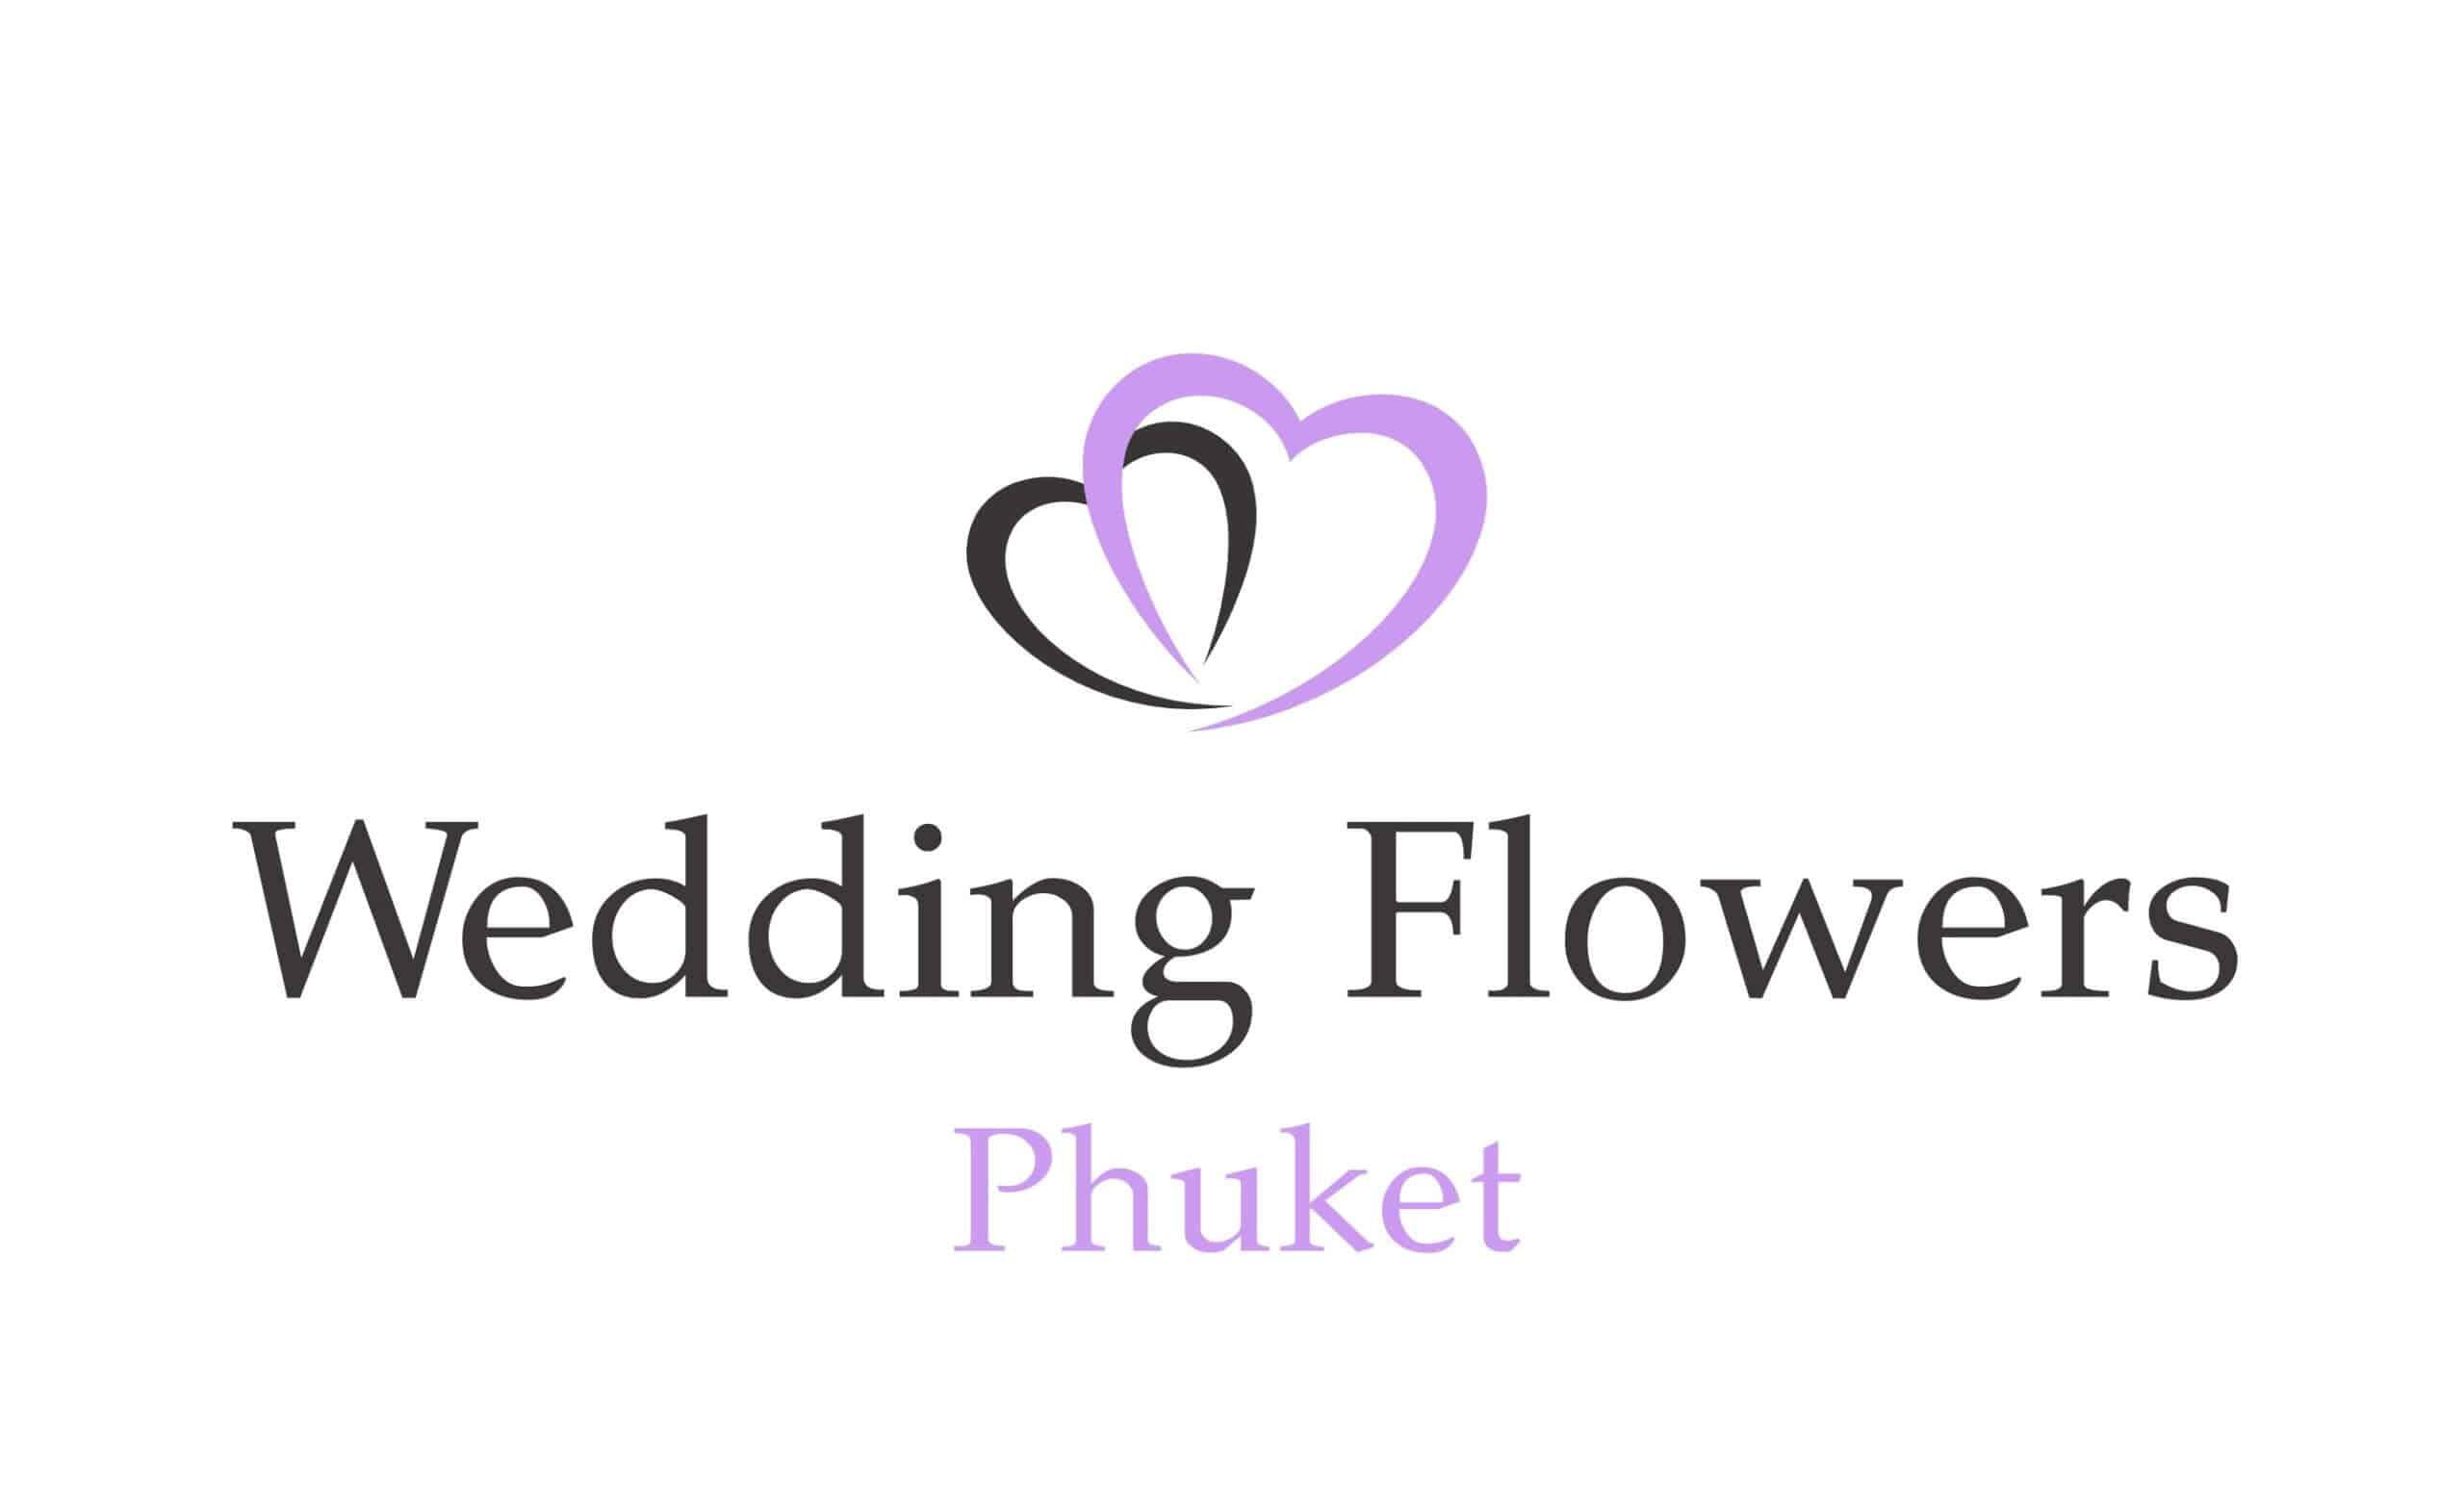 Wedding-flowers-phuket-scaled